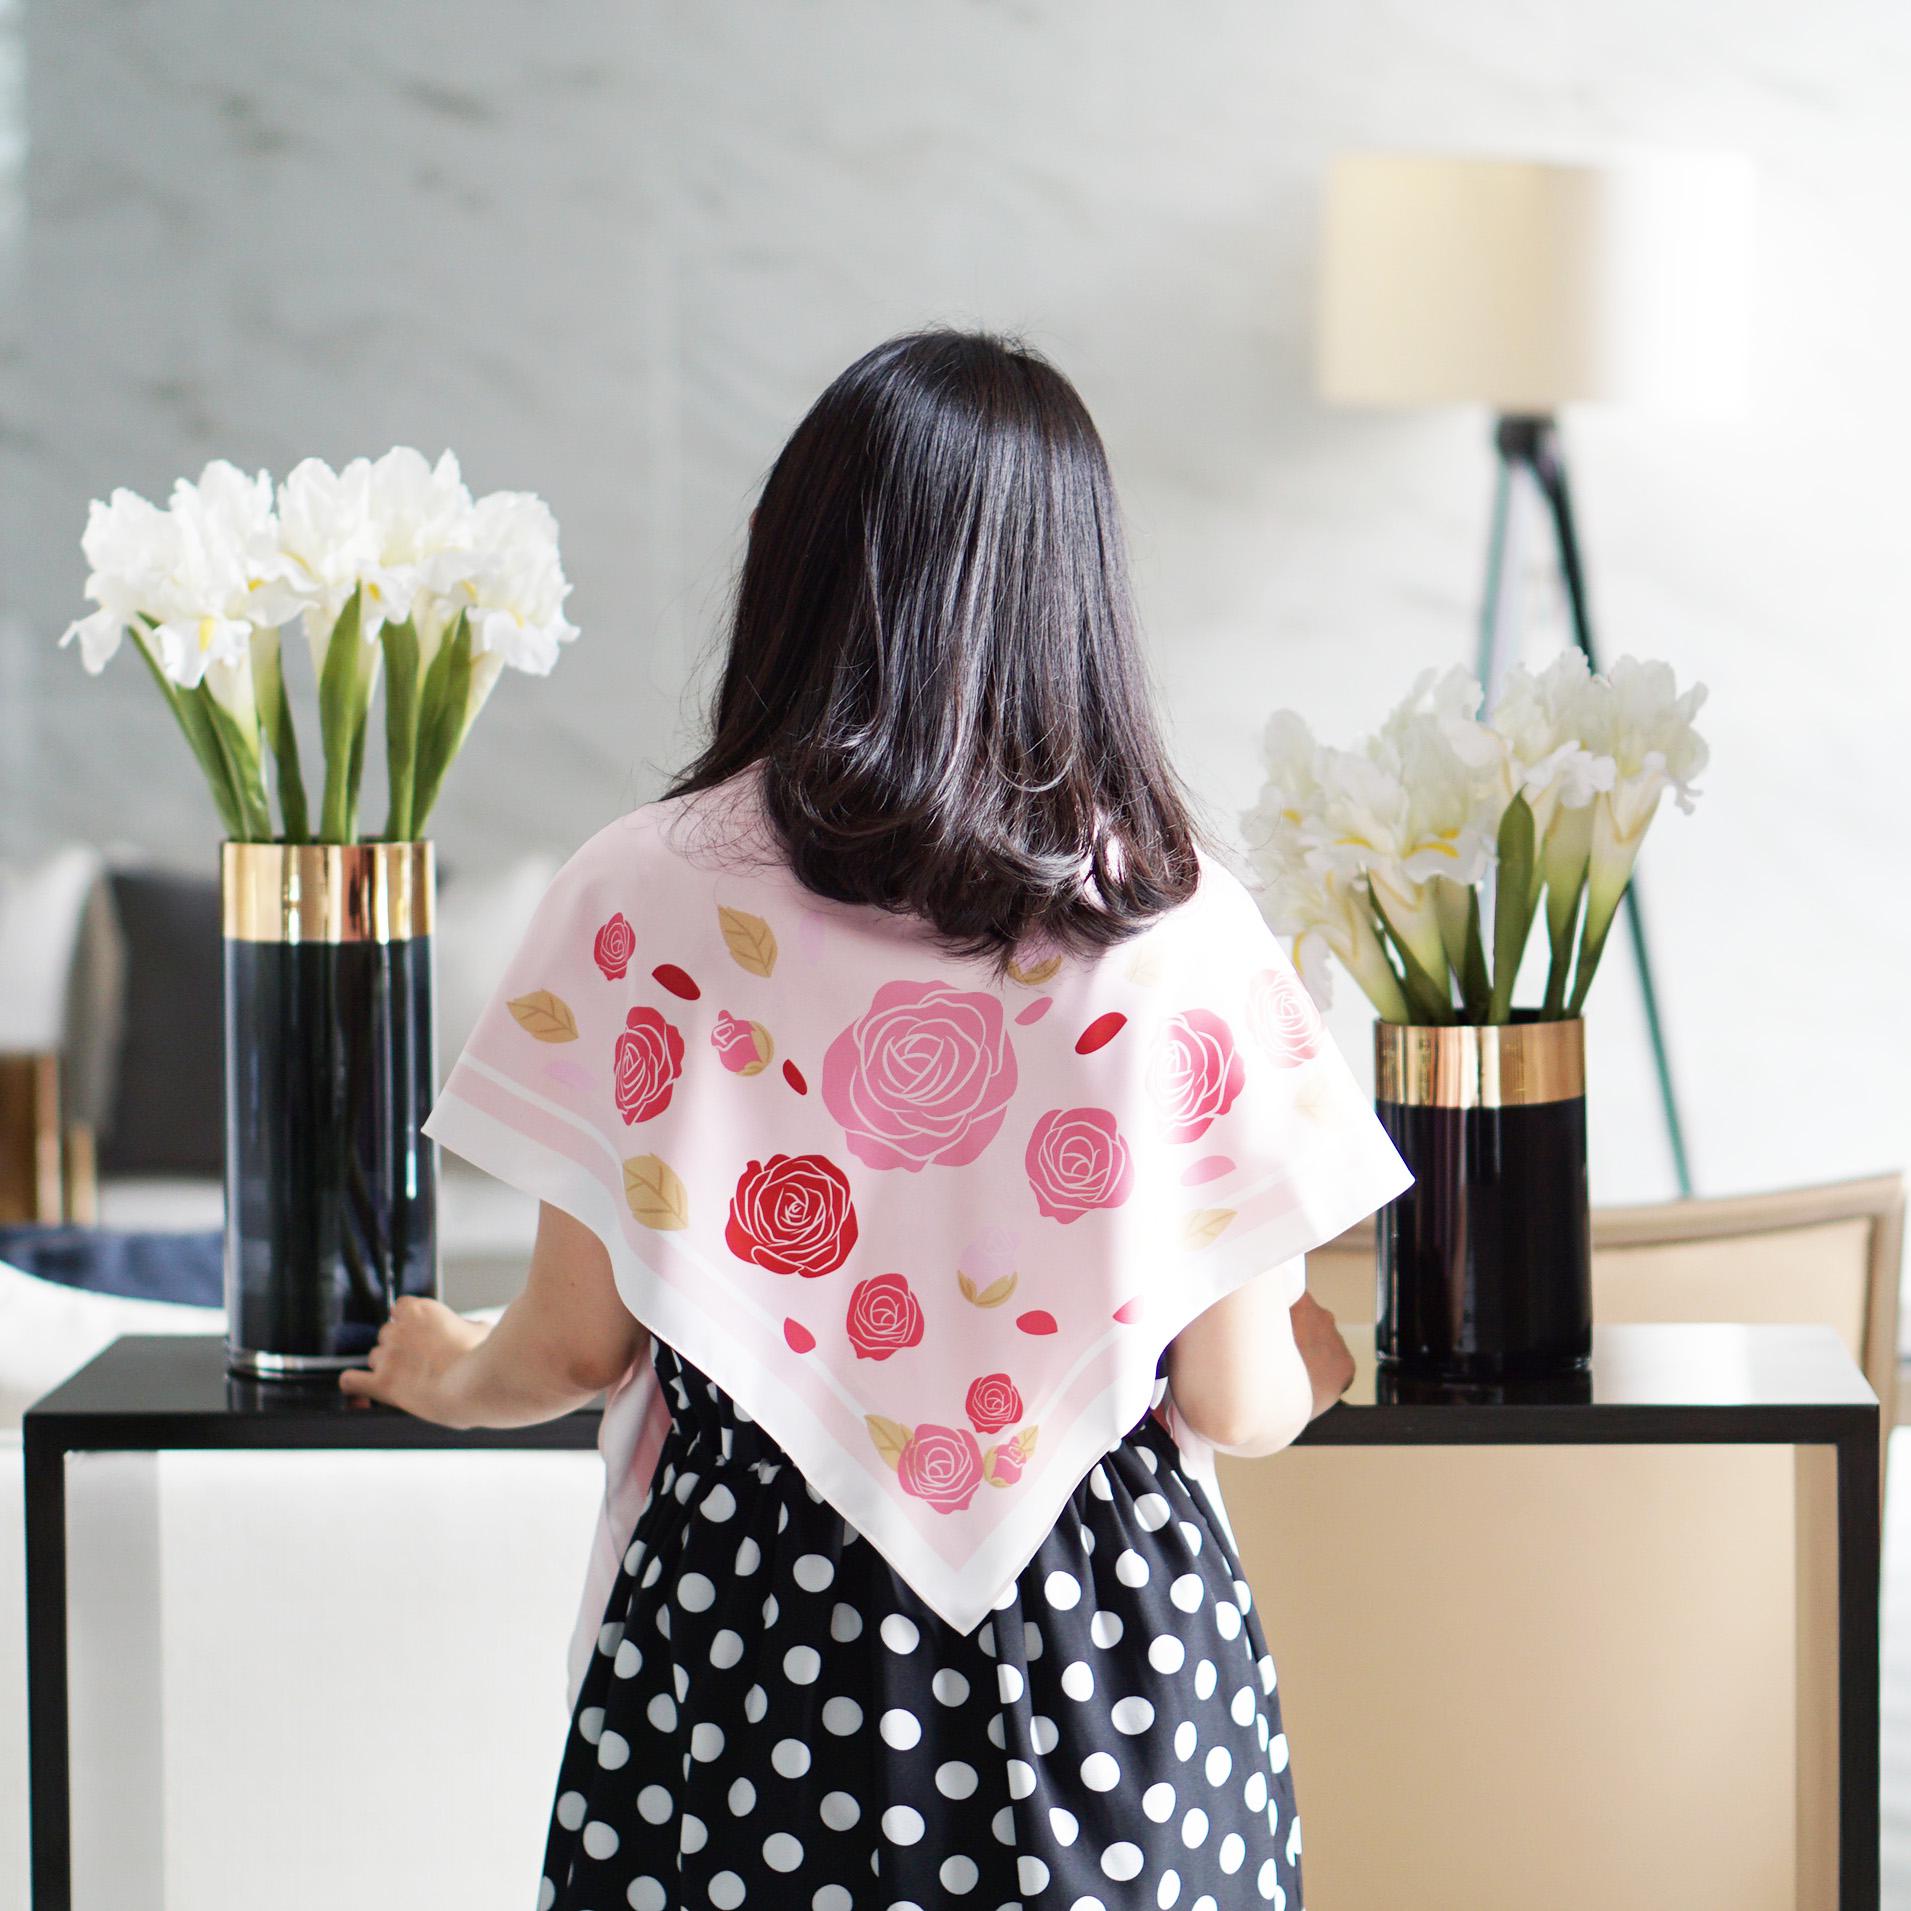 ผ้าพันคอ ลาย Rose - Pink พร้อมส่ง